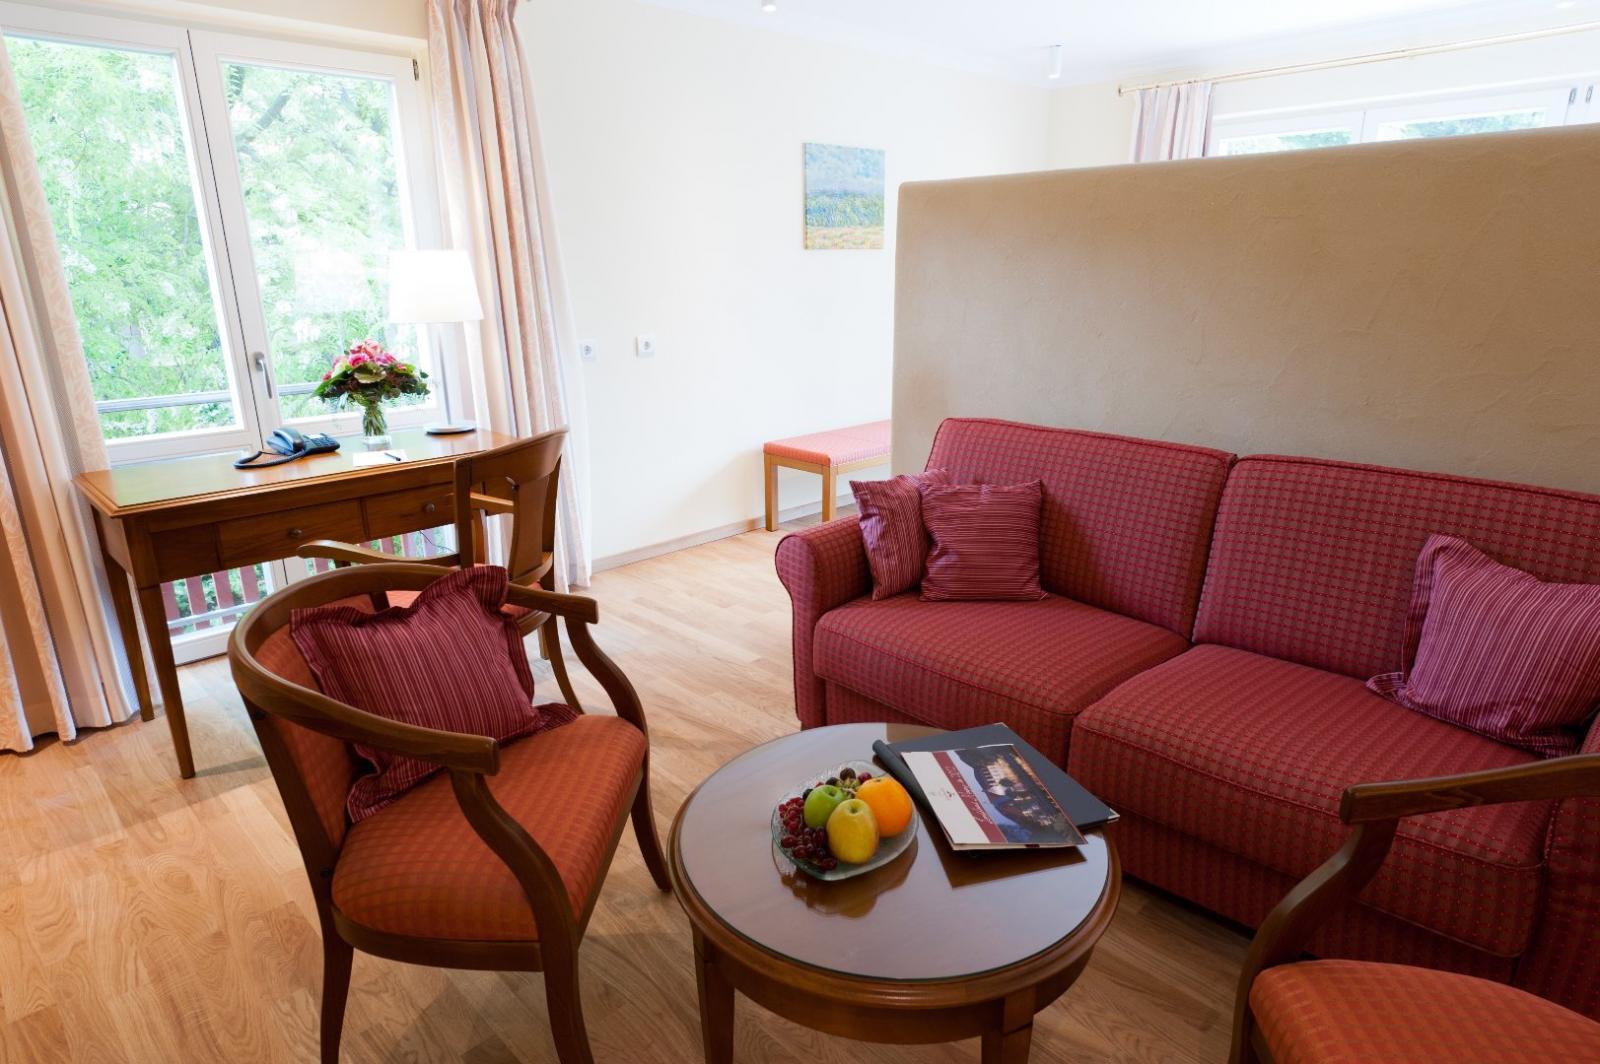 landhaus zu den rothen forellen ilsenburg hotelbewertung. Black Bedroom Furniture Sets. Home Design Ideas